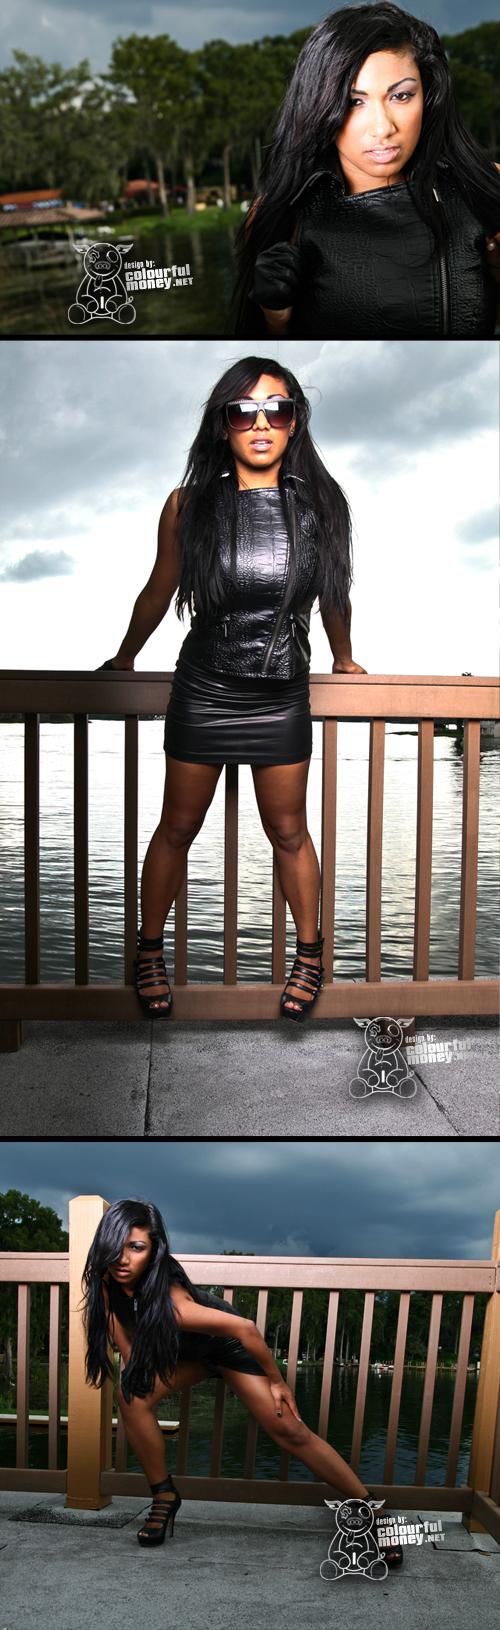 Orlando,FL Aug 25, 2009